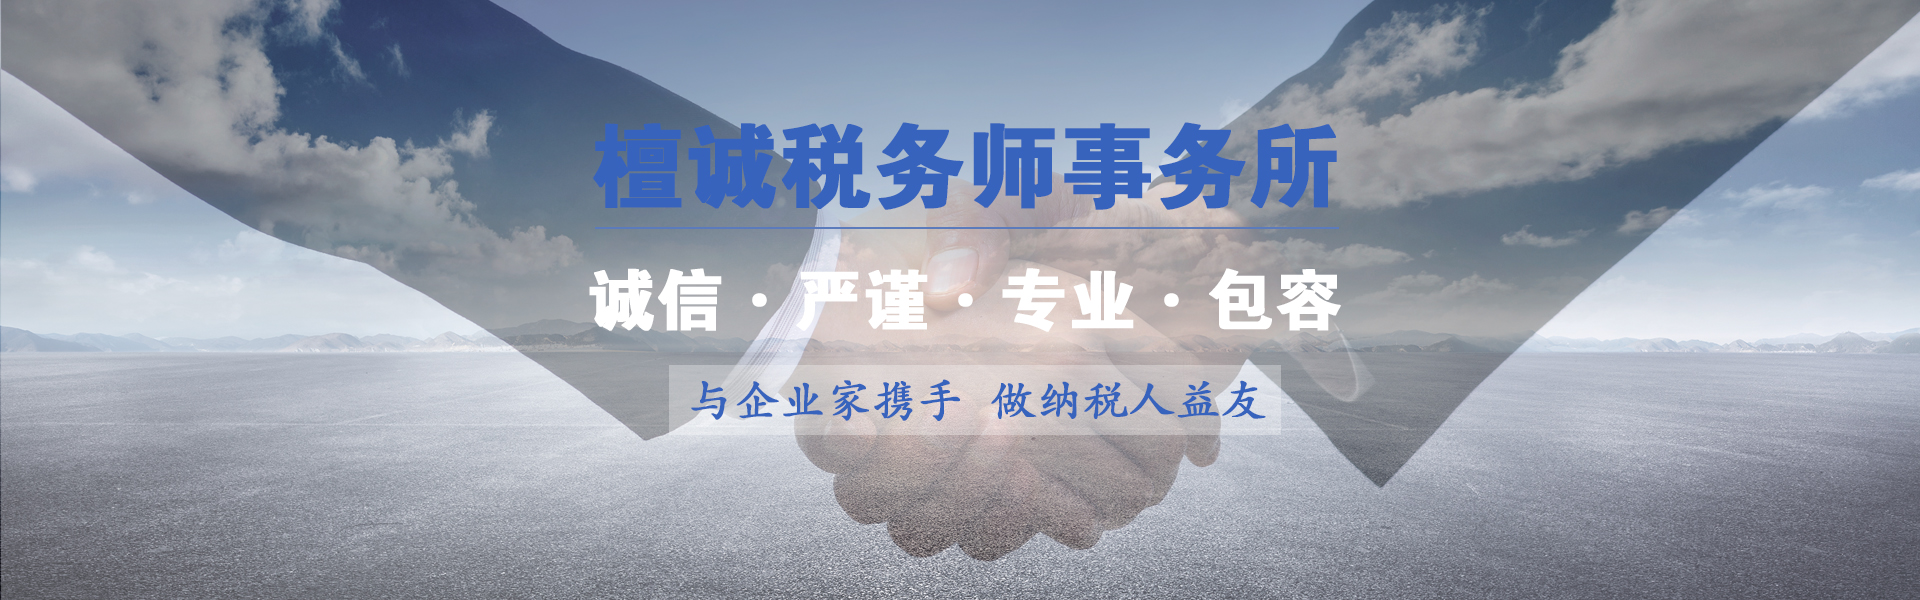 洛阳檀诚税务师事务所有限公司